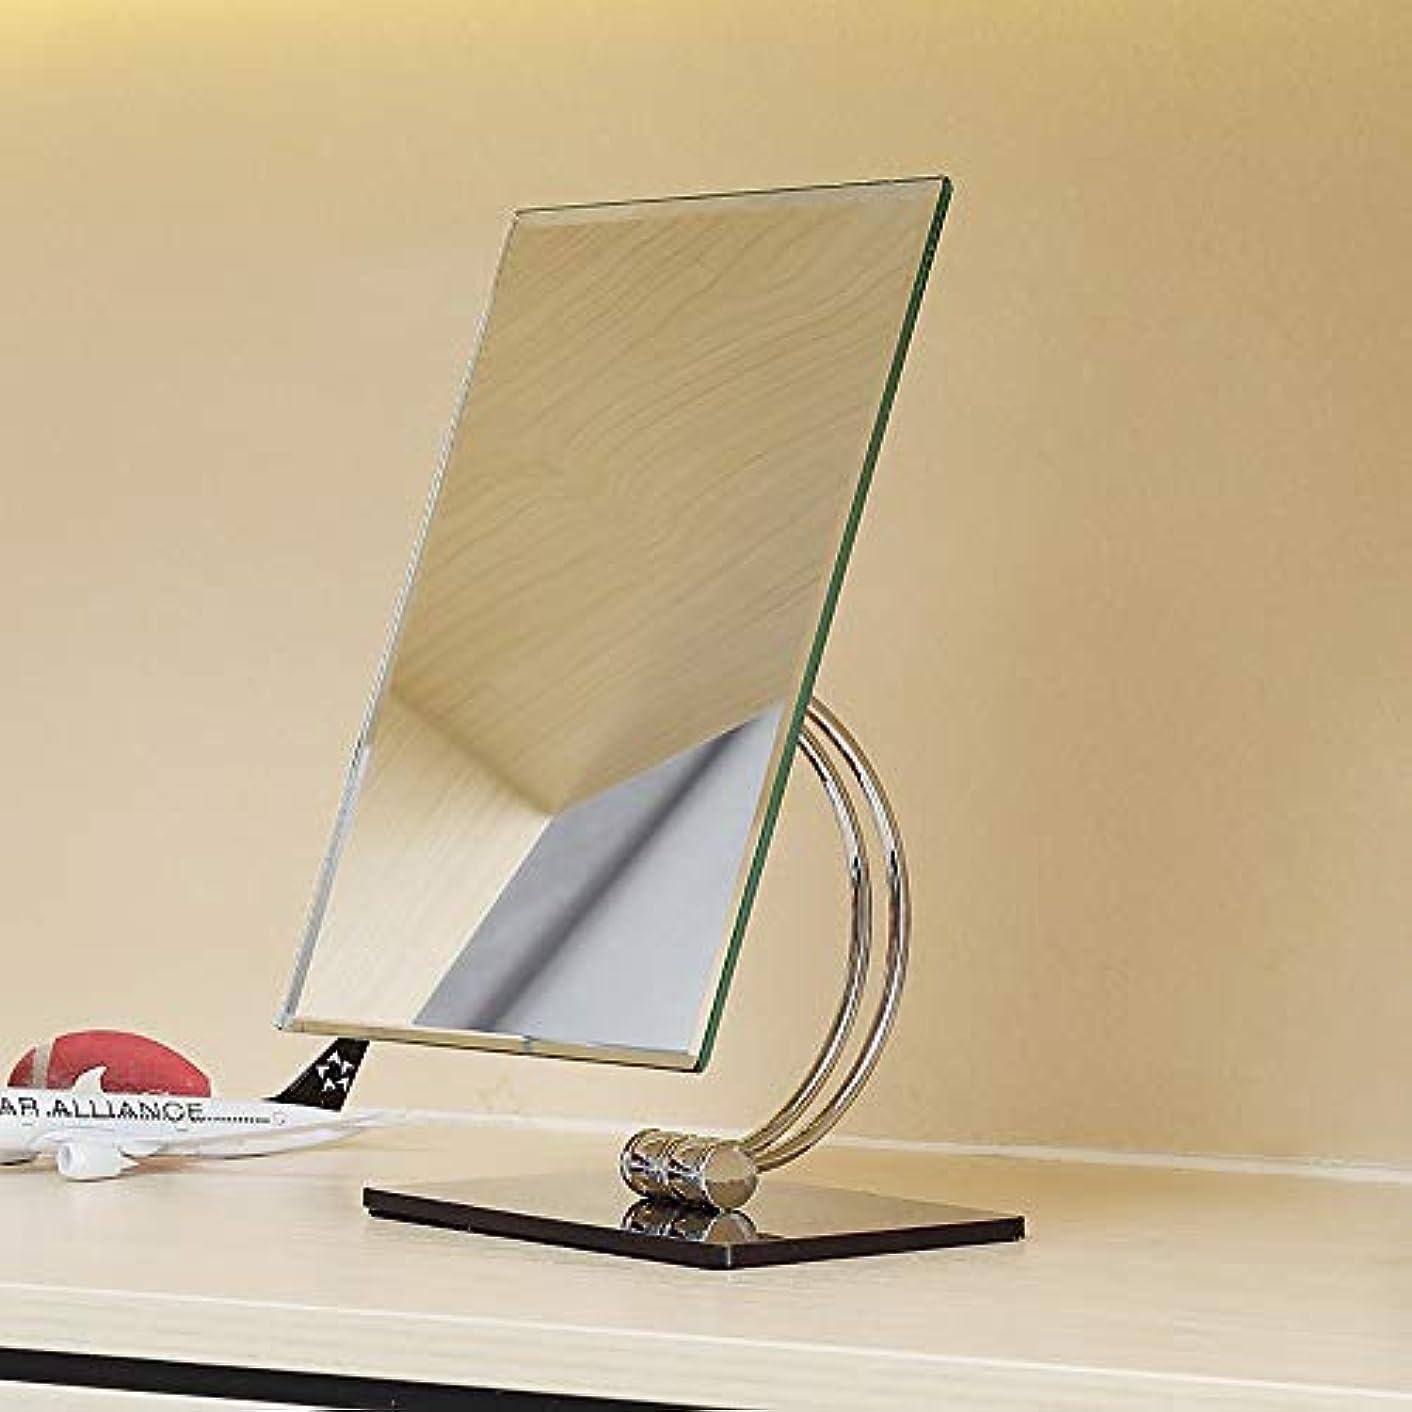 辞書リサイクルする不完全流行の スクエア片面HDステンレススチールシルバーミラー+ ABSプラスチックシェル化粧鏡ホームバニティミラーカウンターミラー